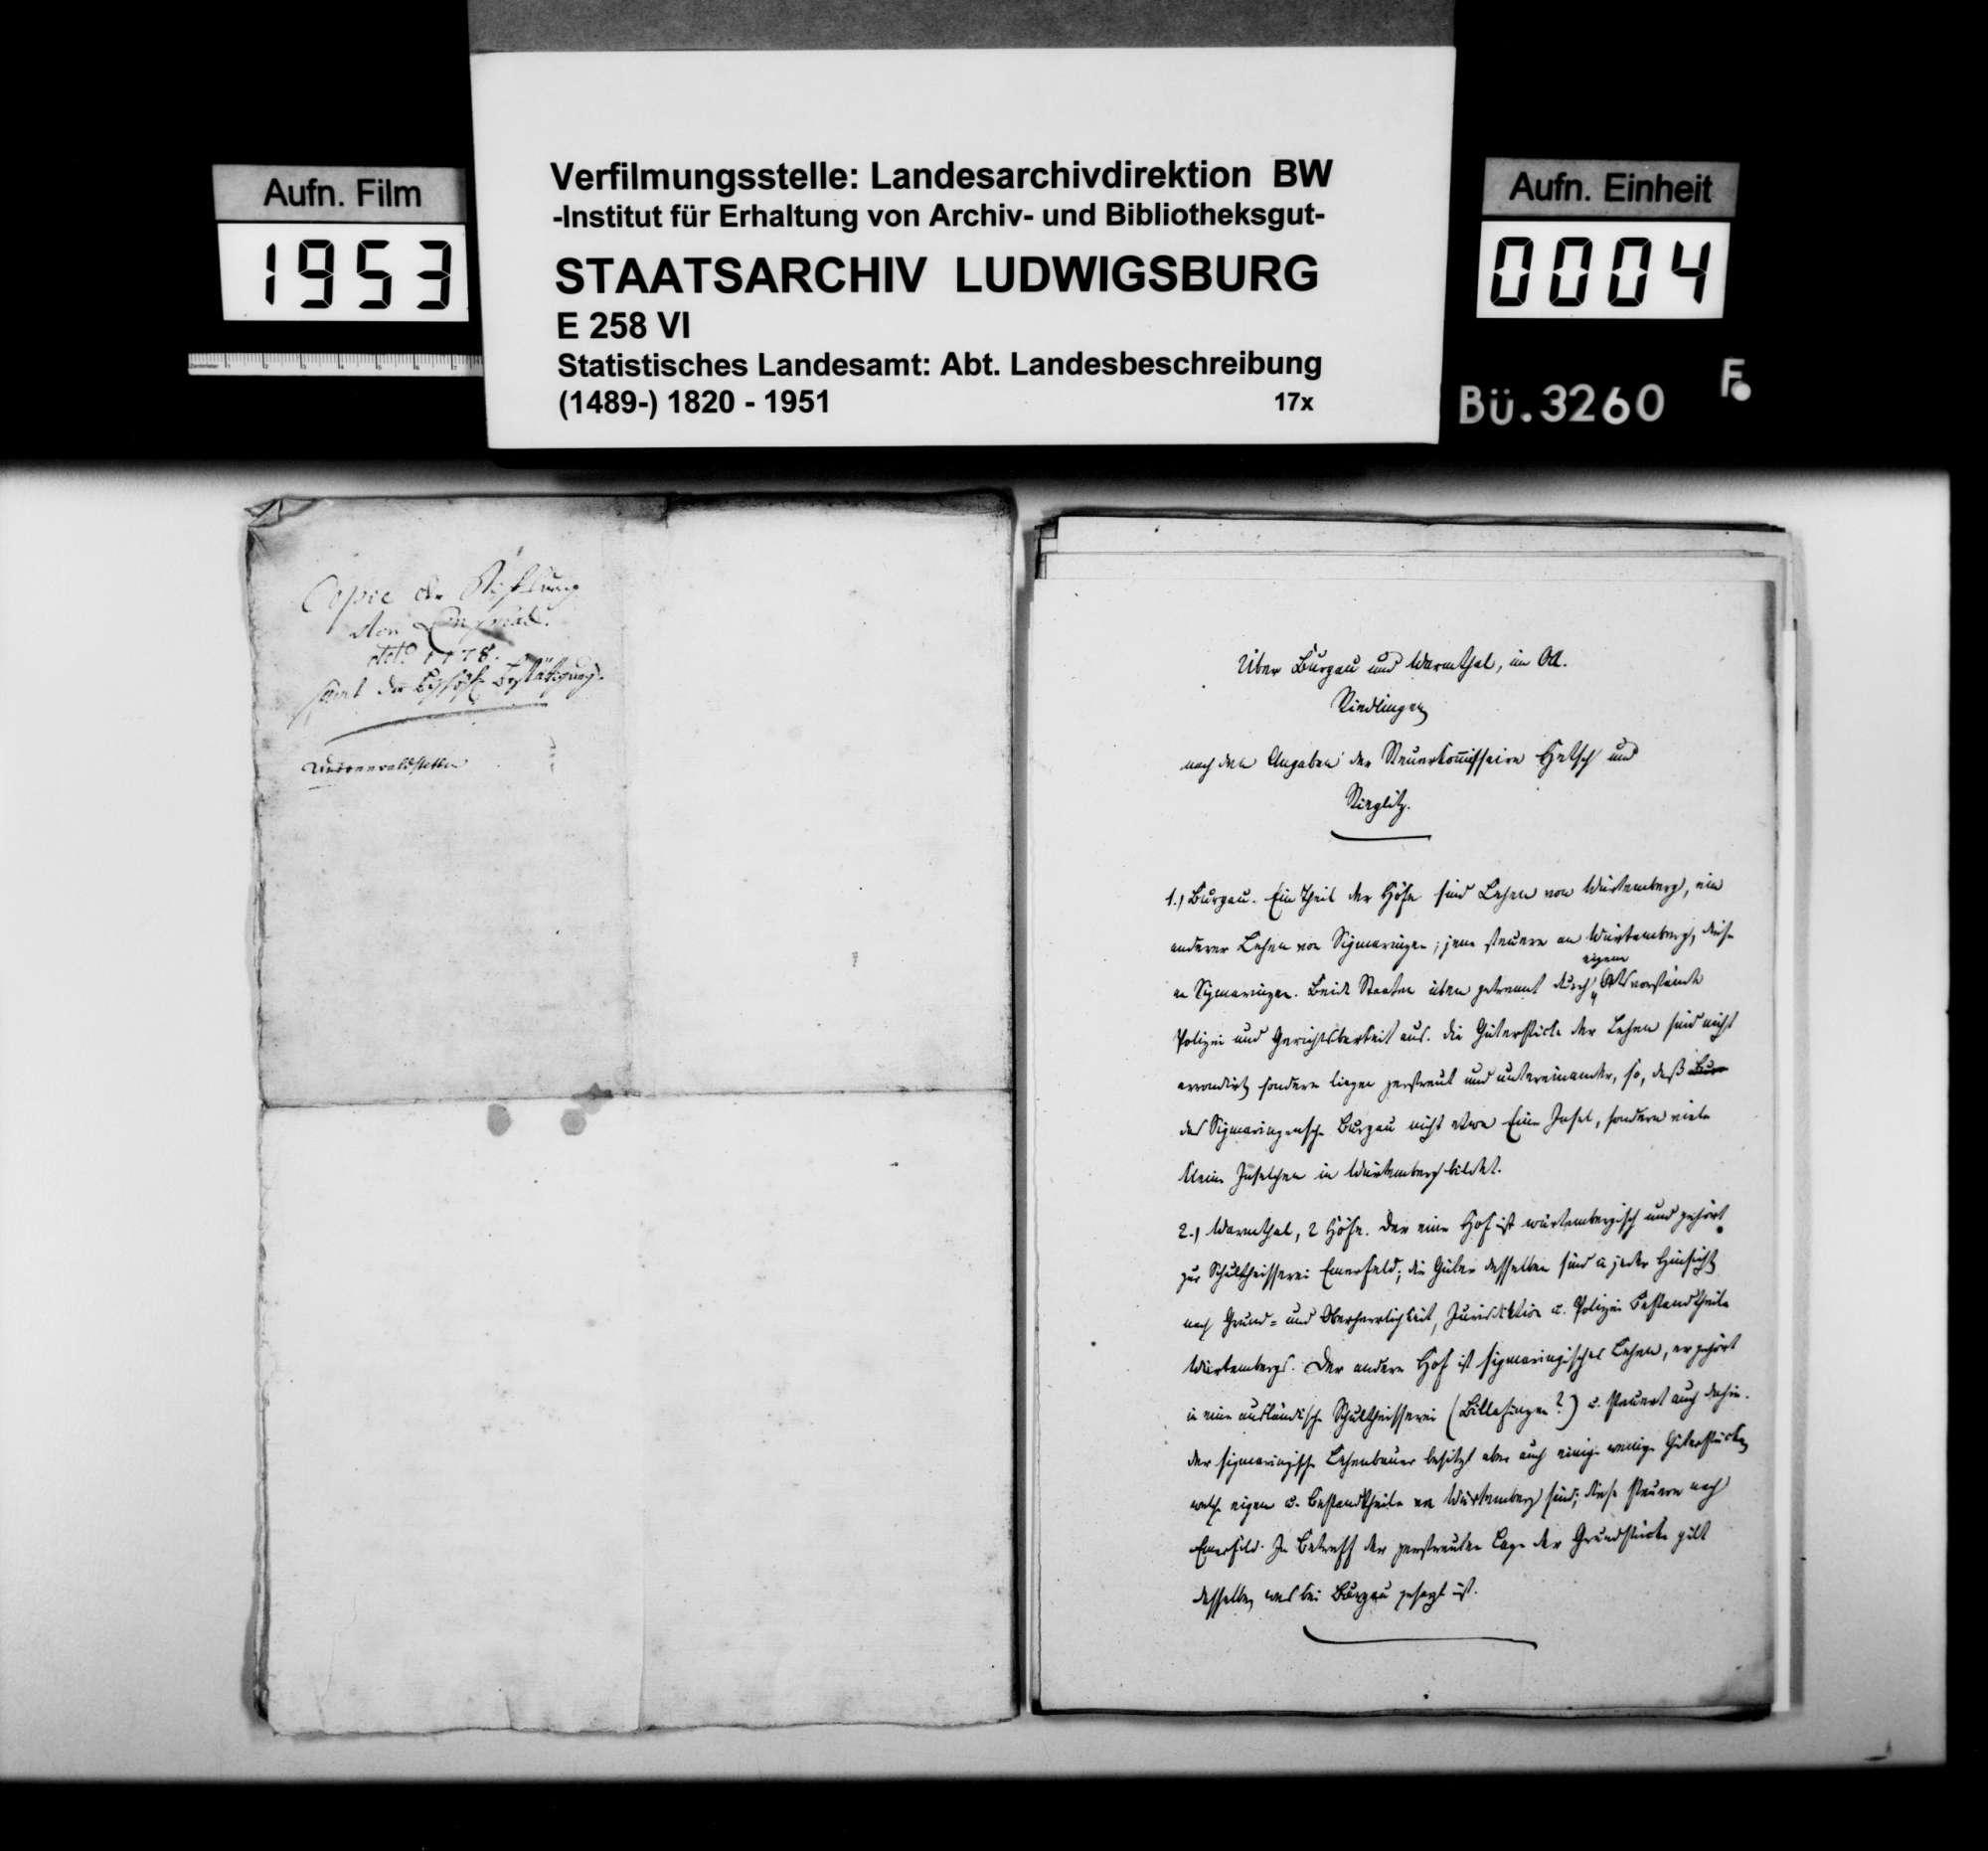 Berichte, Mitteilungen, Abschriften und Listen als Material für die Beschreibung des Oberamts, Bild 3